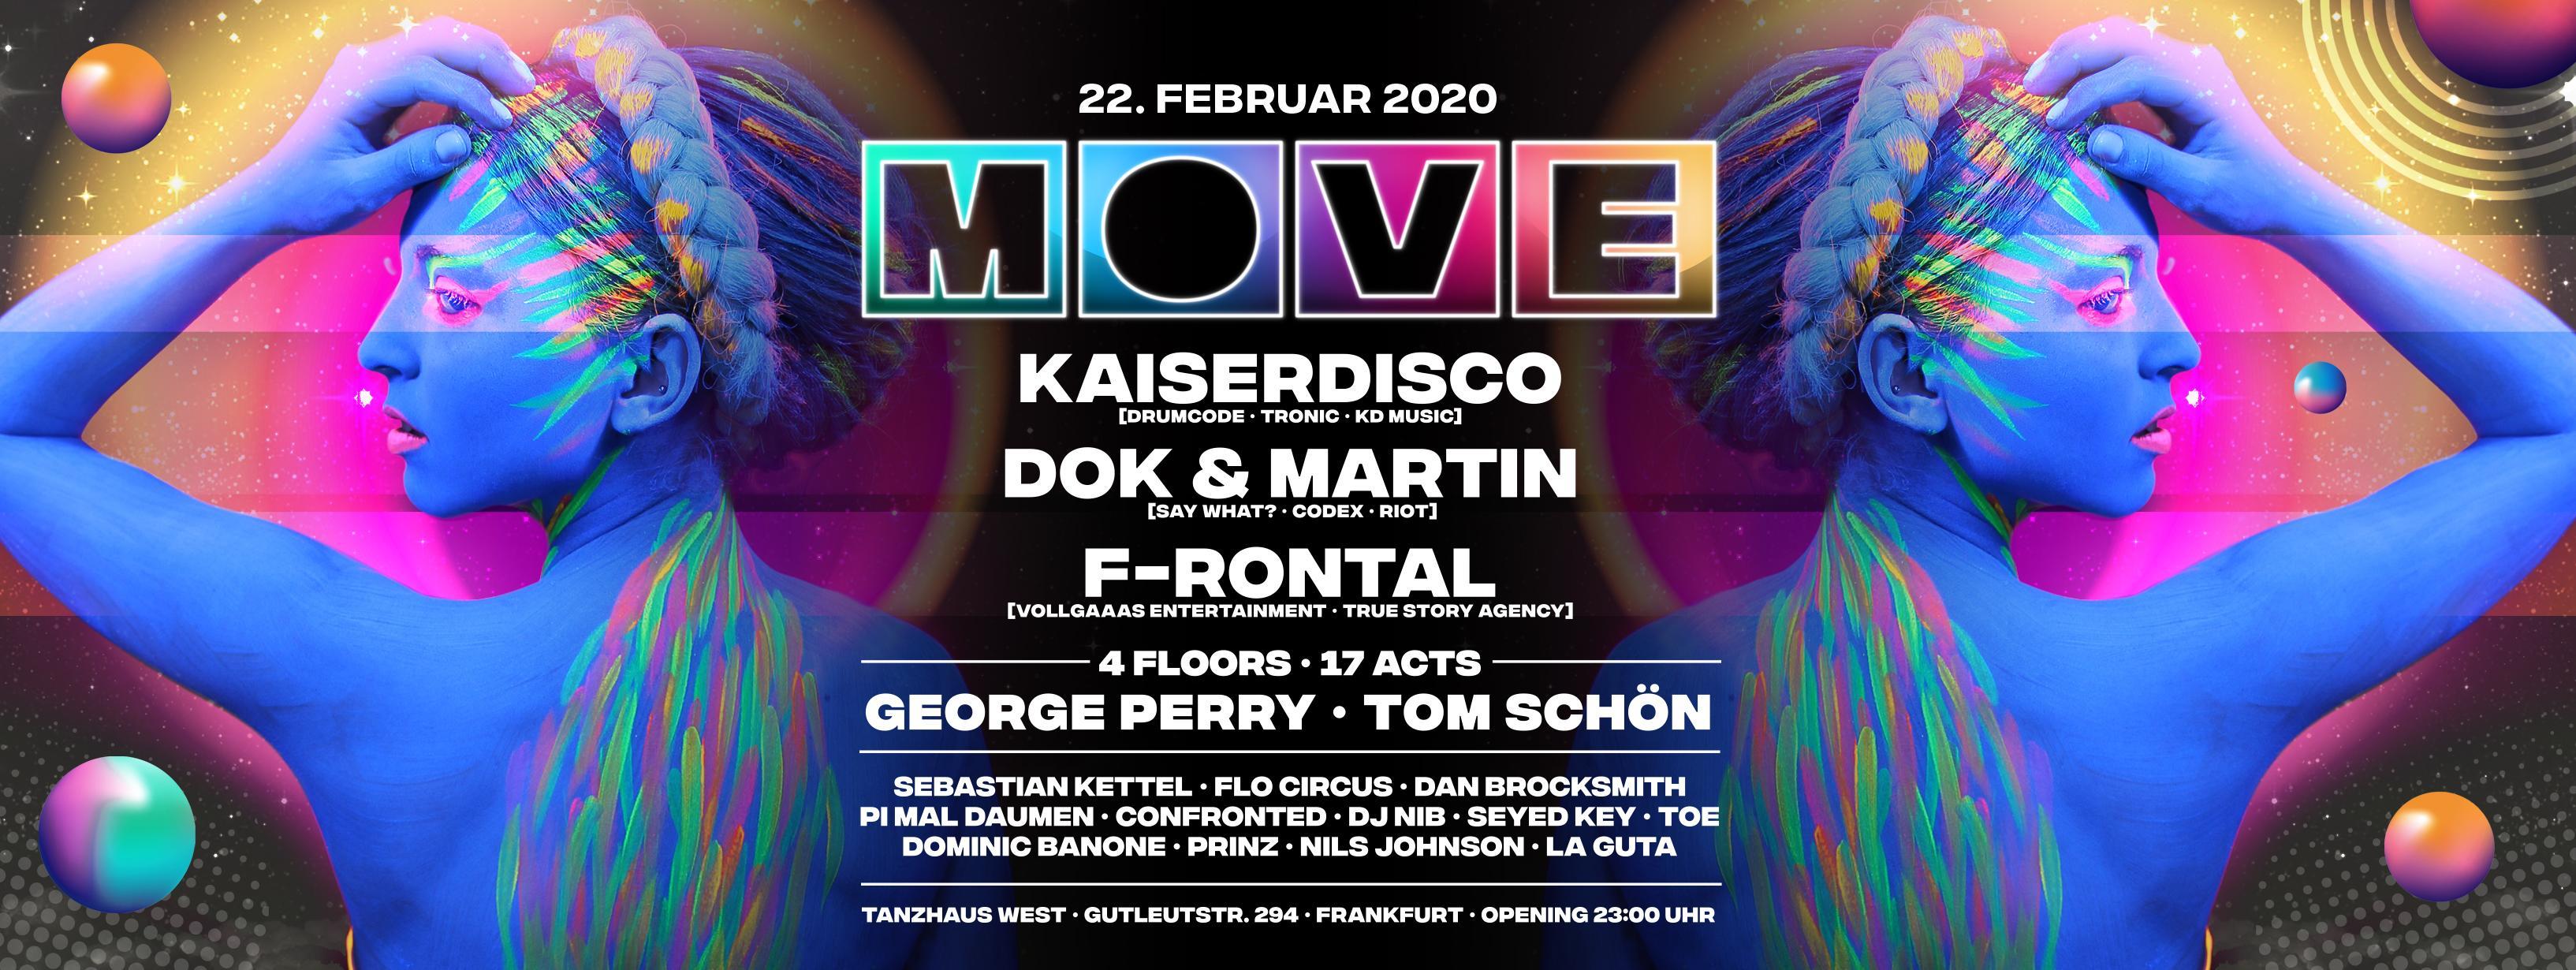 MOVE with Kaiserdisco, Dok & Martin, F-Rontal